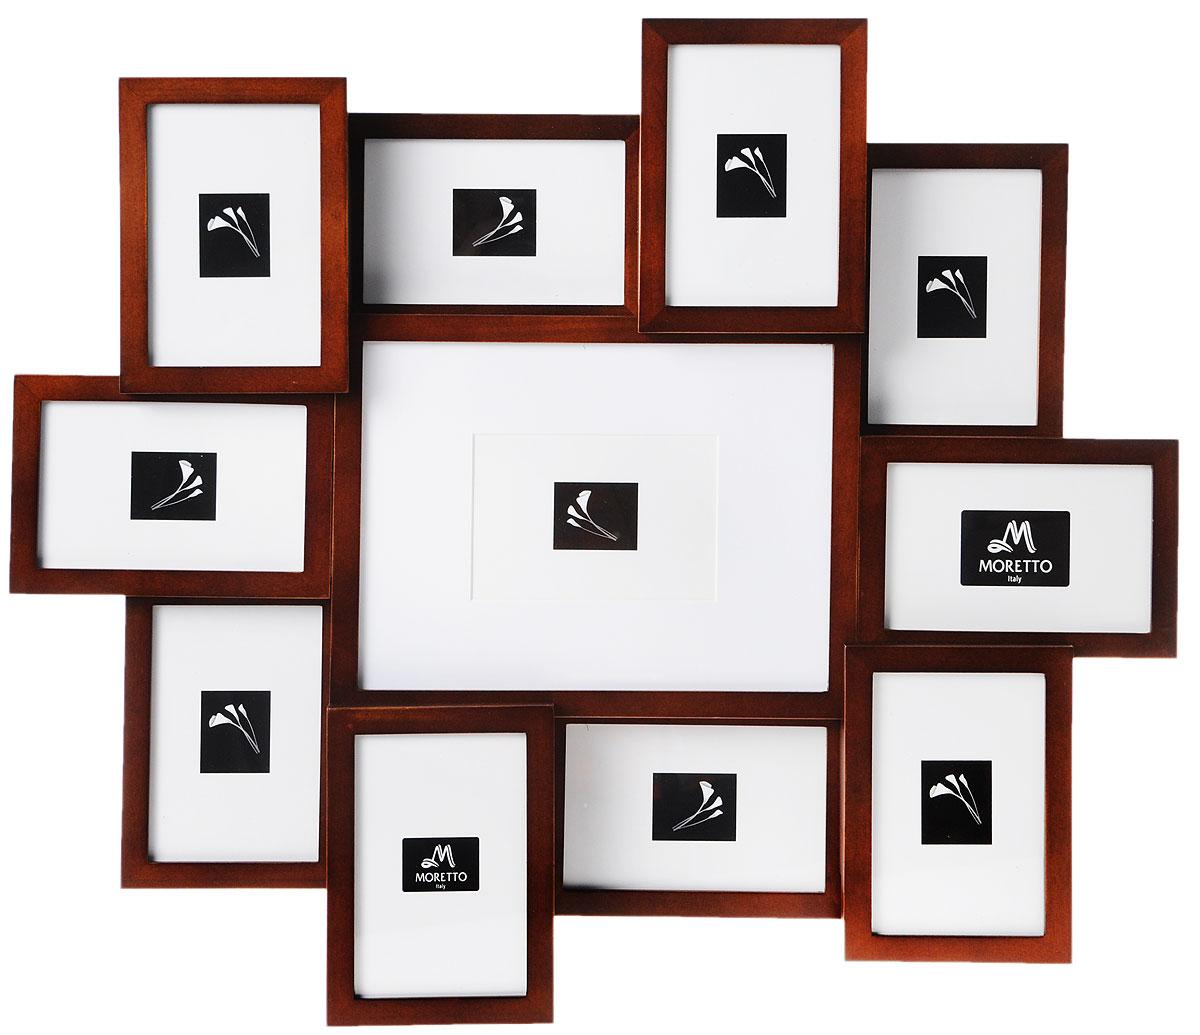 Фоторамка Moretto, на 11 фото238010Фоторамка Moretto отлично дополнит интерьер помещения и поможет сохранить на память ваши любимые фотографии. Фоторамка выполнена из дерева и представляет собой коллаж из 11 прямоугольных рамочек с вертикальным и горизонтальным расположением фотографий. Изделие подвешивается к стене. Такая рамка позволит сохранить на память изображения дорогих вам людей и интересных событий вашей жизни, а также станет приятным подарком для каждого. Размер рамок: - 10 фоторамок 12 х 17 см для фото 10 х 15 см, - фоторамка 28,5 х 22,2 см для фото 20 х 26 см, Общий размер фоторамки: 63 х 56 см.